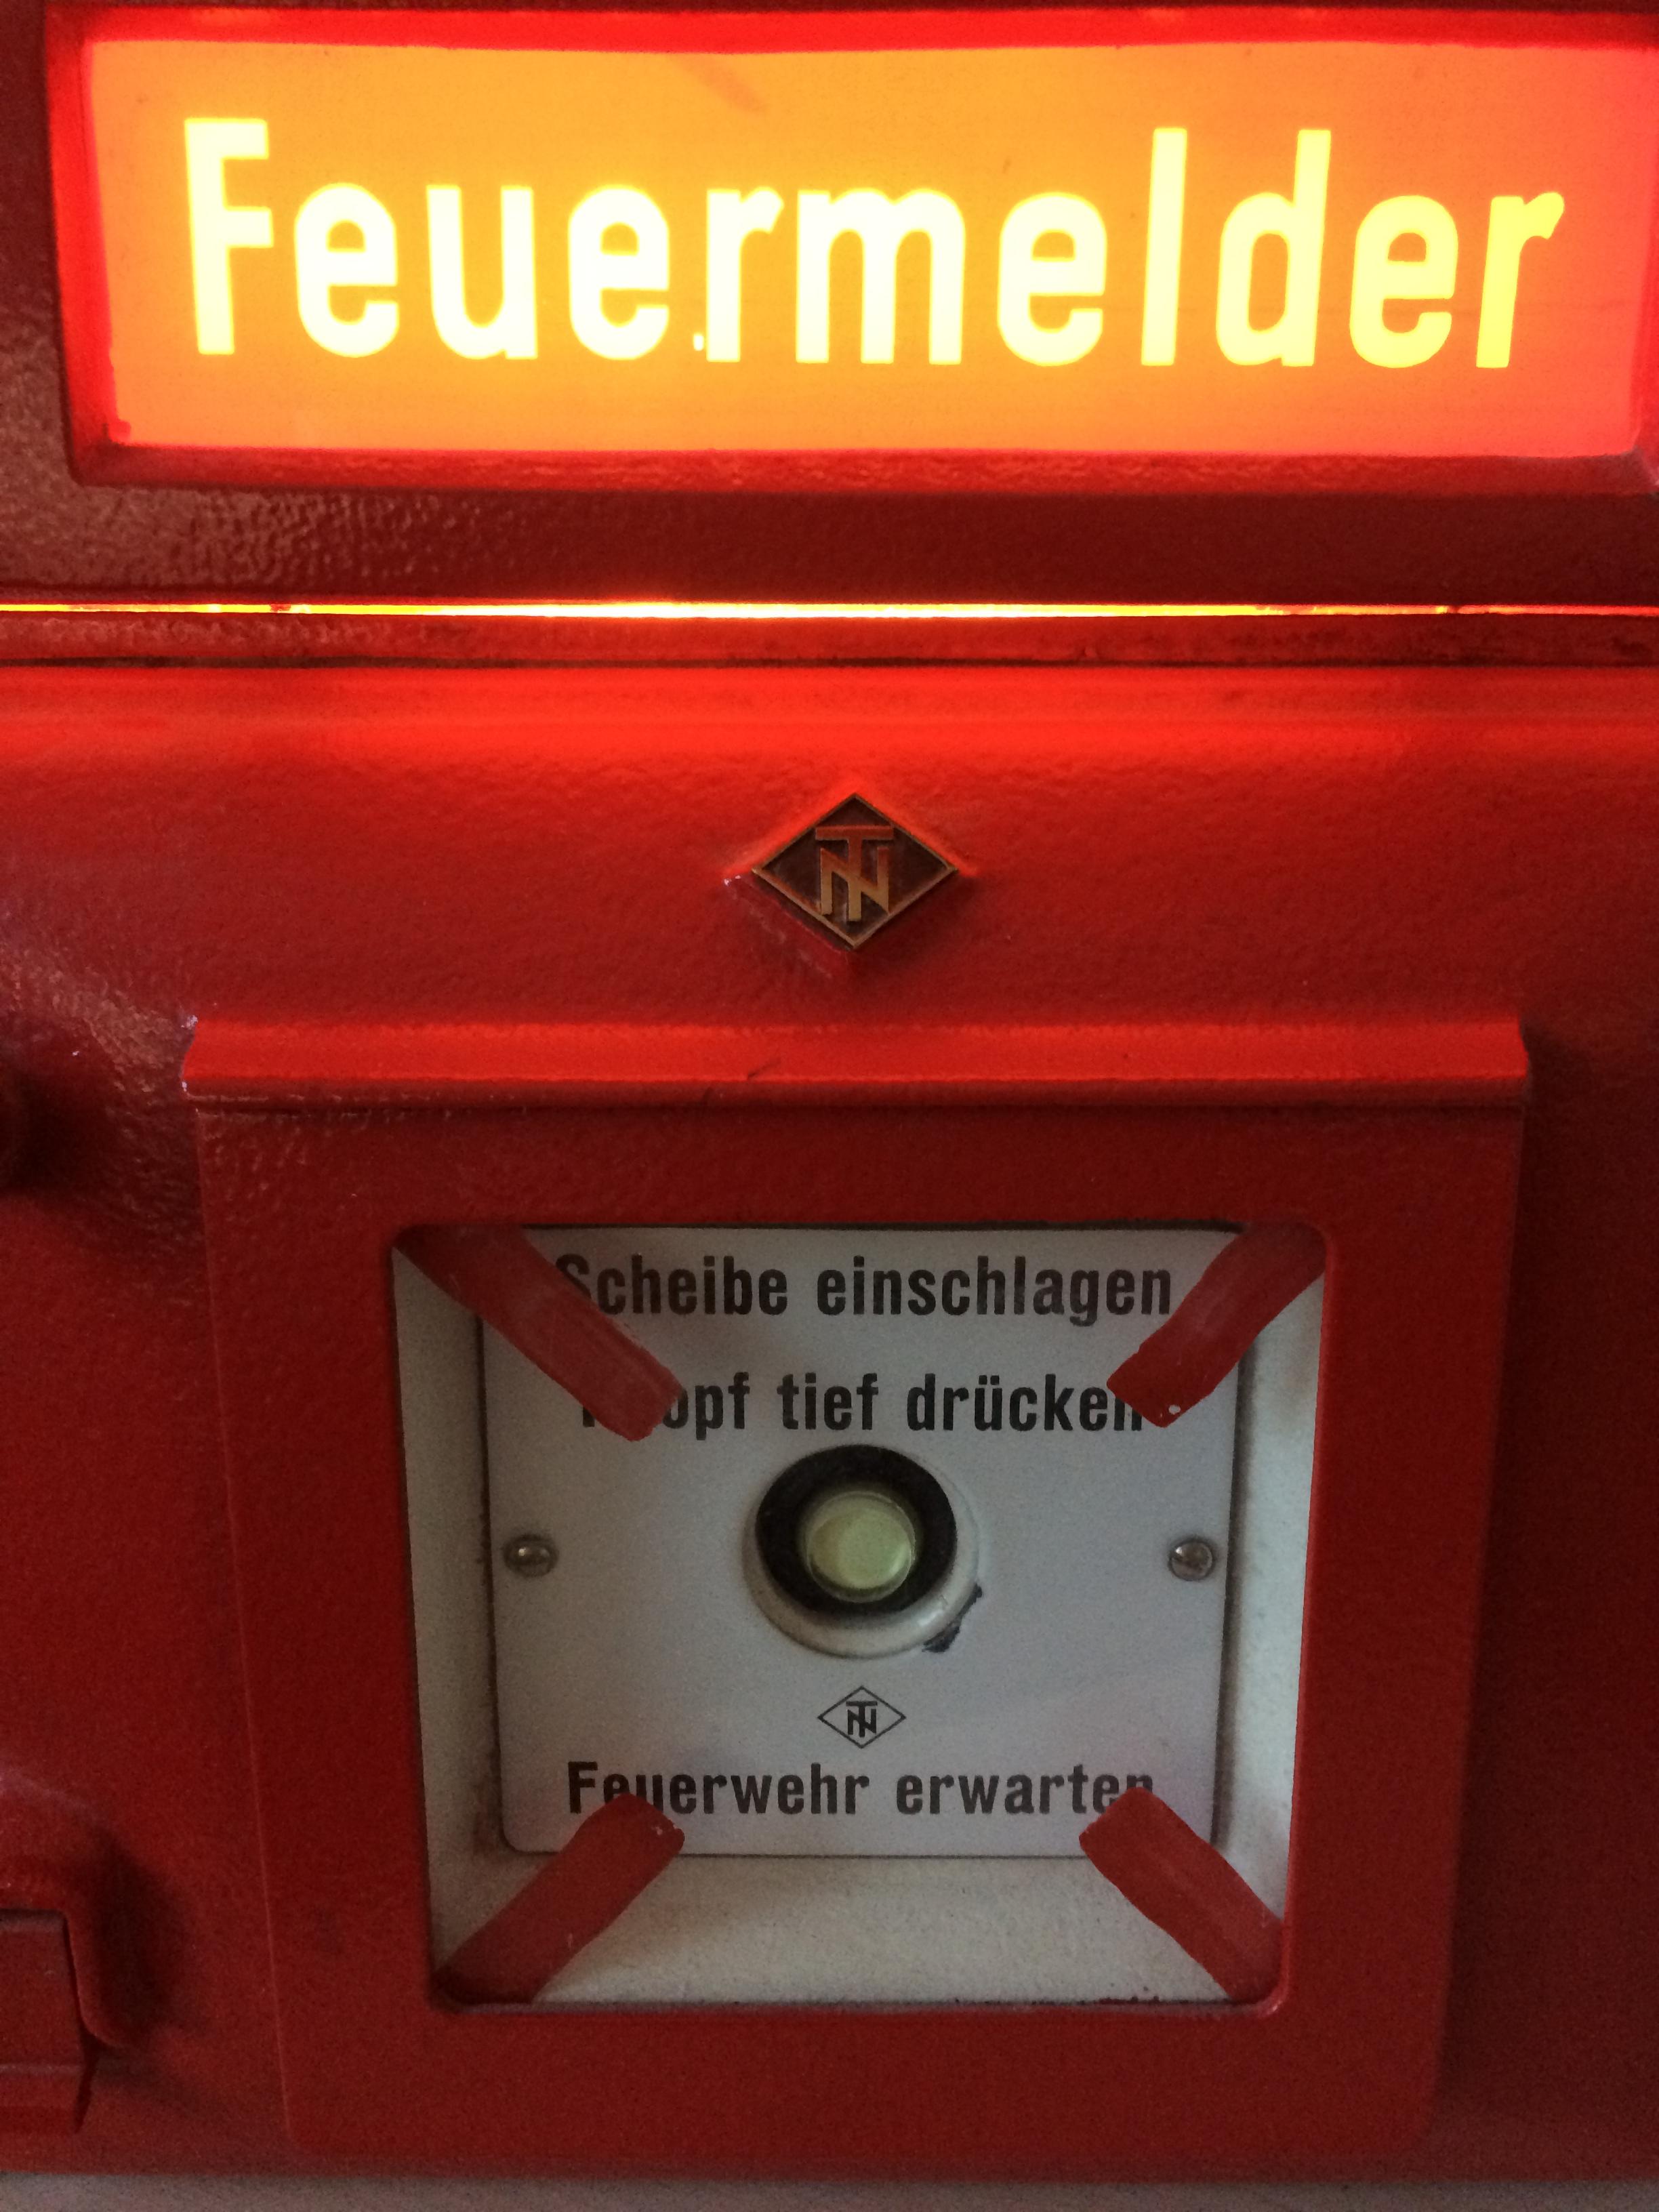 Ausgezeichnet Unbelüftete Warmwasserspeicher Ideen - Schaltplan ...